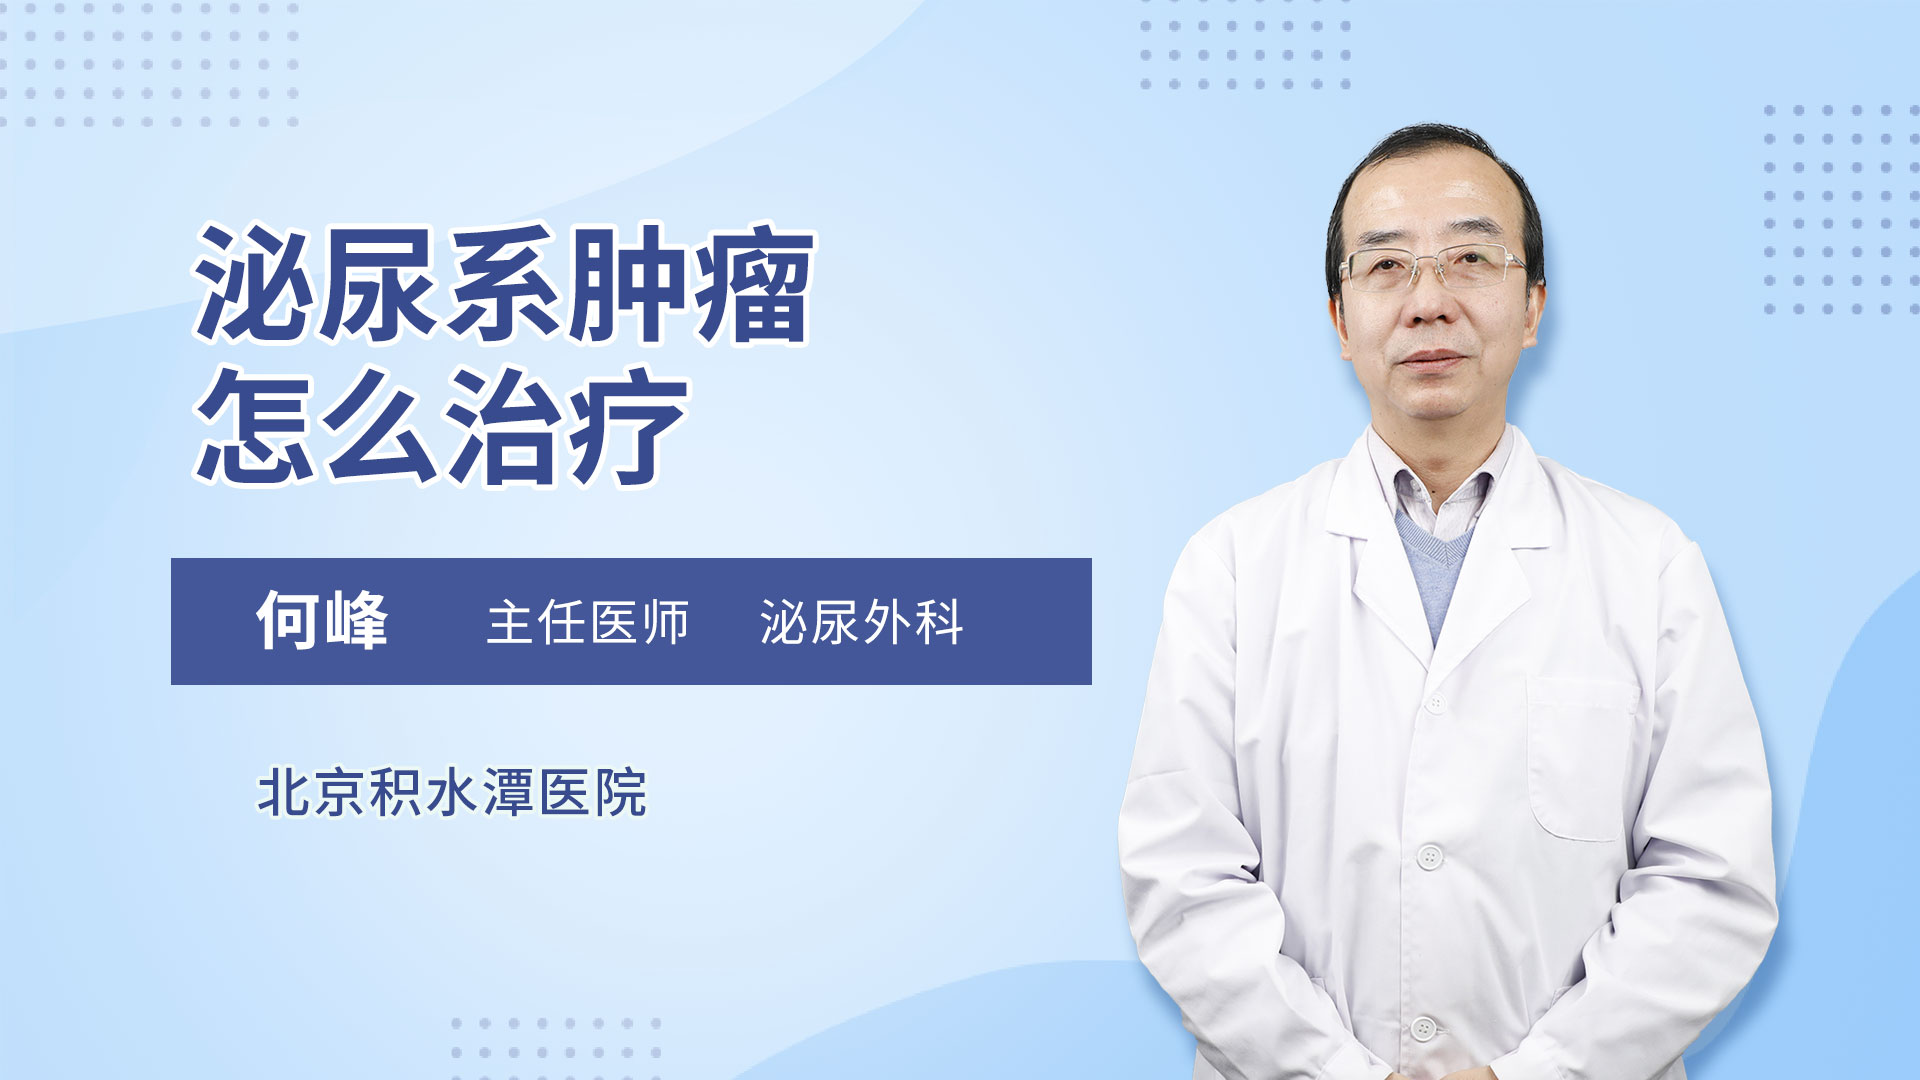 泌尿系肿瘤怎么治疗